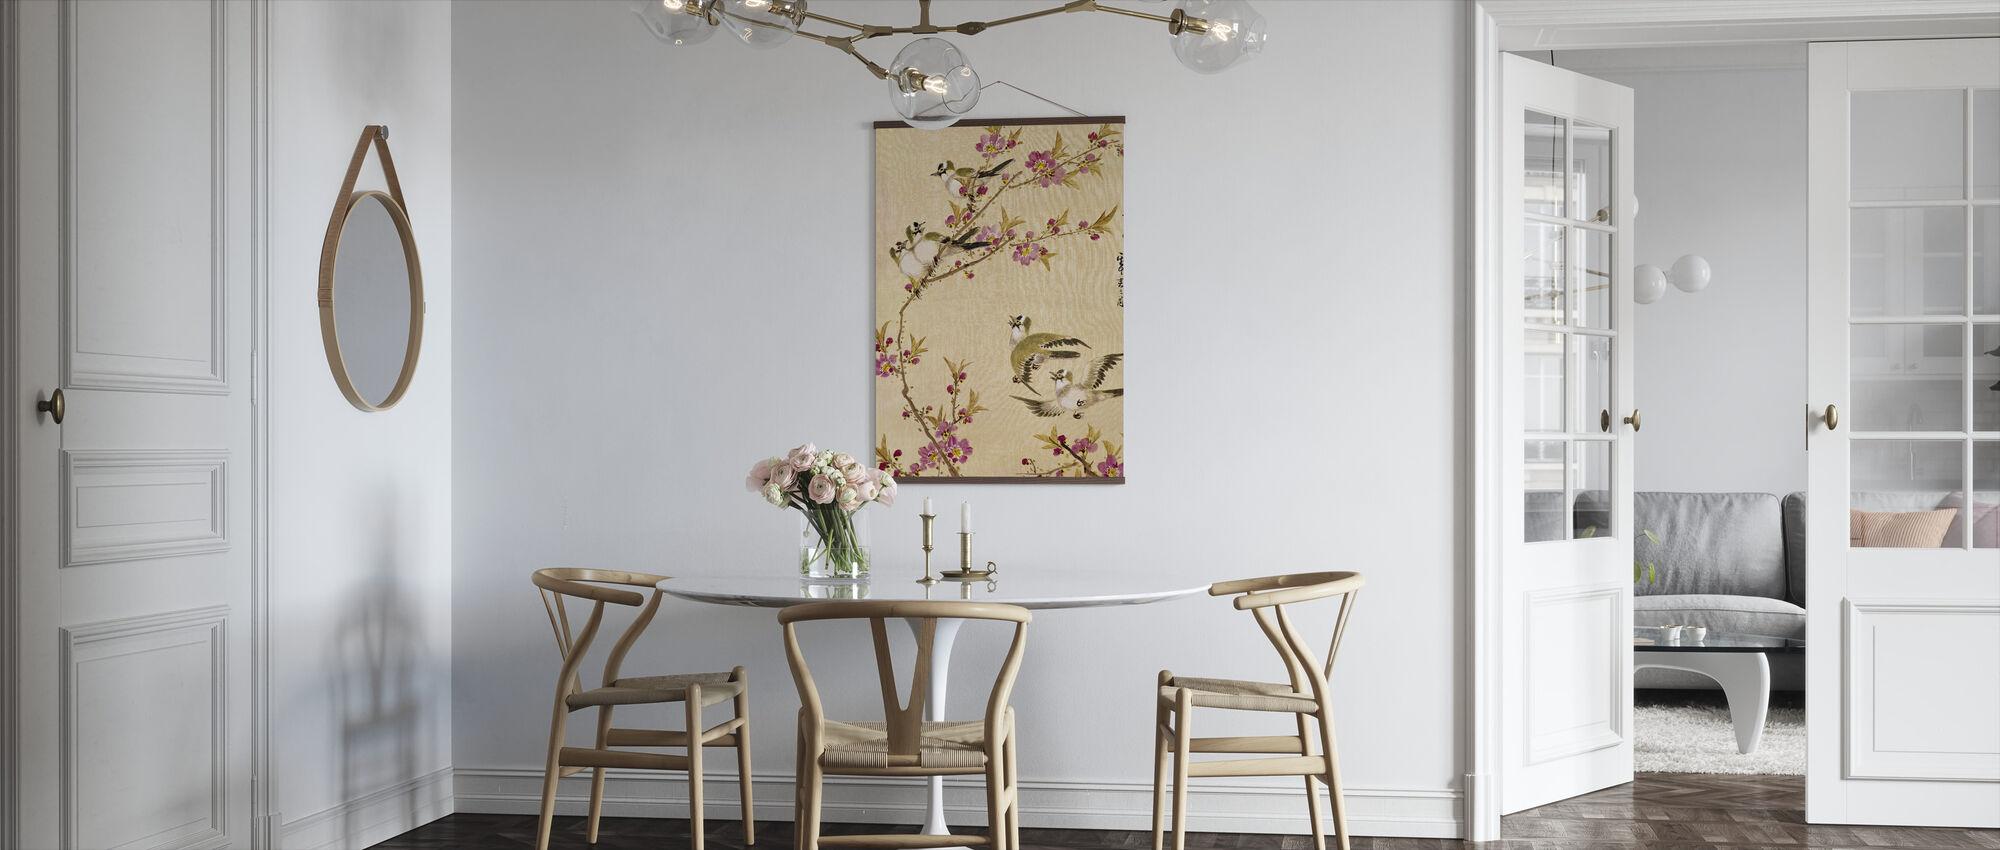 Fem fugle med lyserøde blomster - Plakat - Køkken